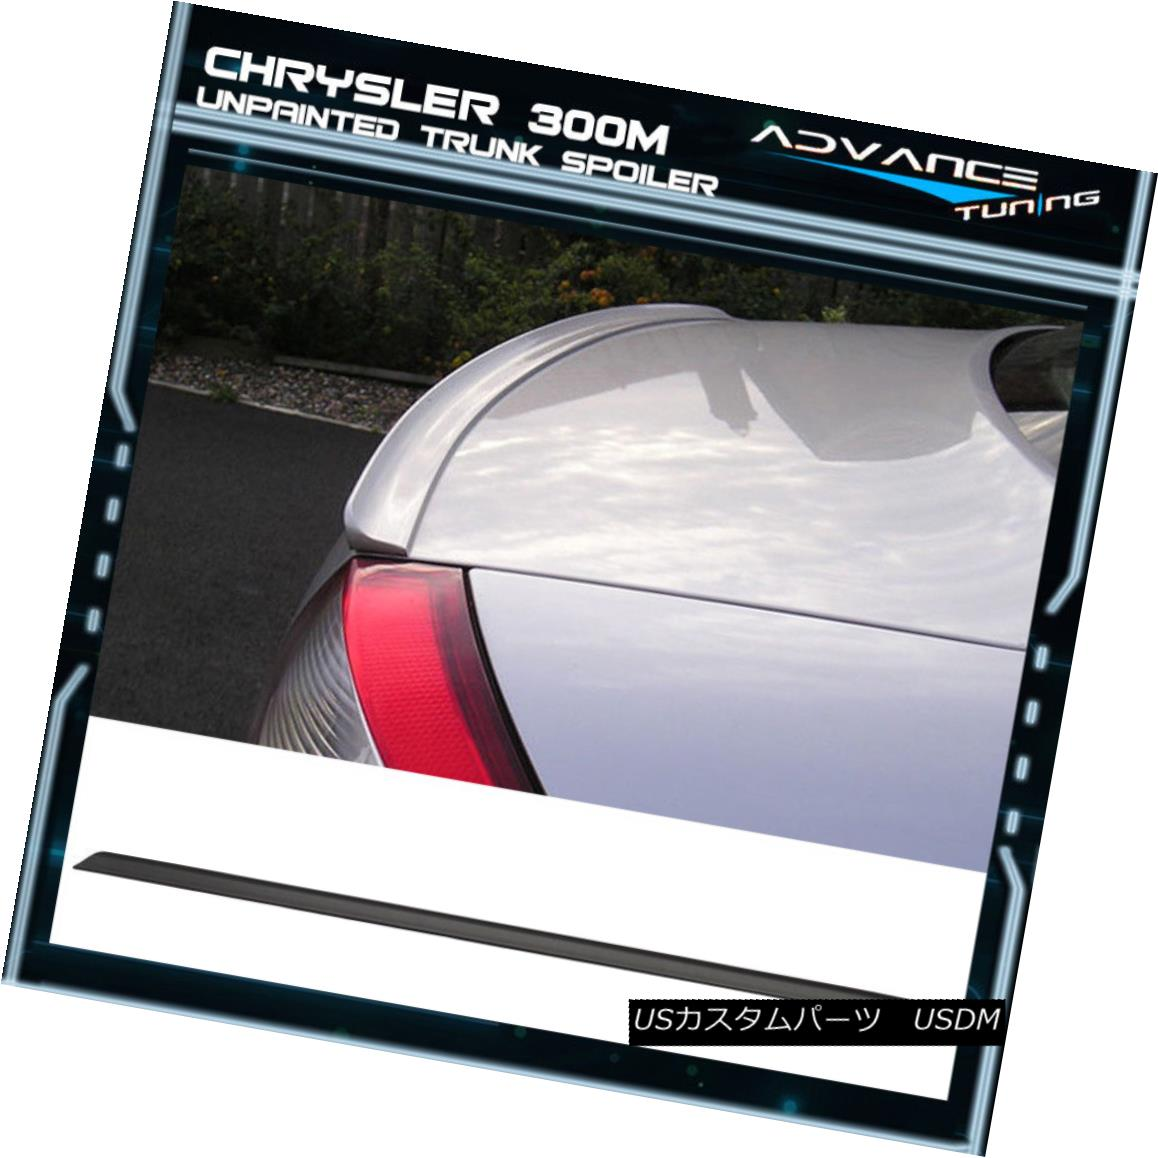 エアロパーツ 98-04 Chrysler 300M PV Style Unpainted Black Trunk Spoiler - PUF 98-04クライスラー300M PVスタイル未塗装ブラックトランク・スポイラー - PUF